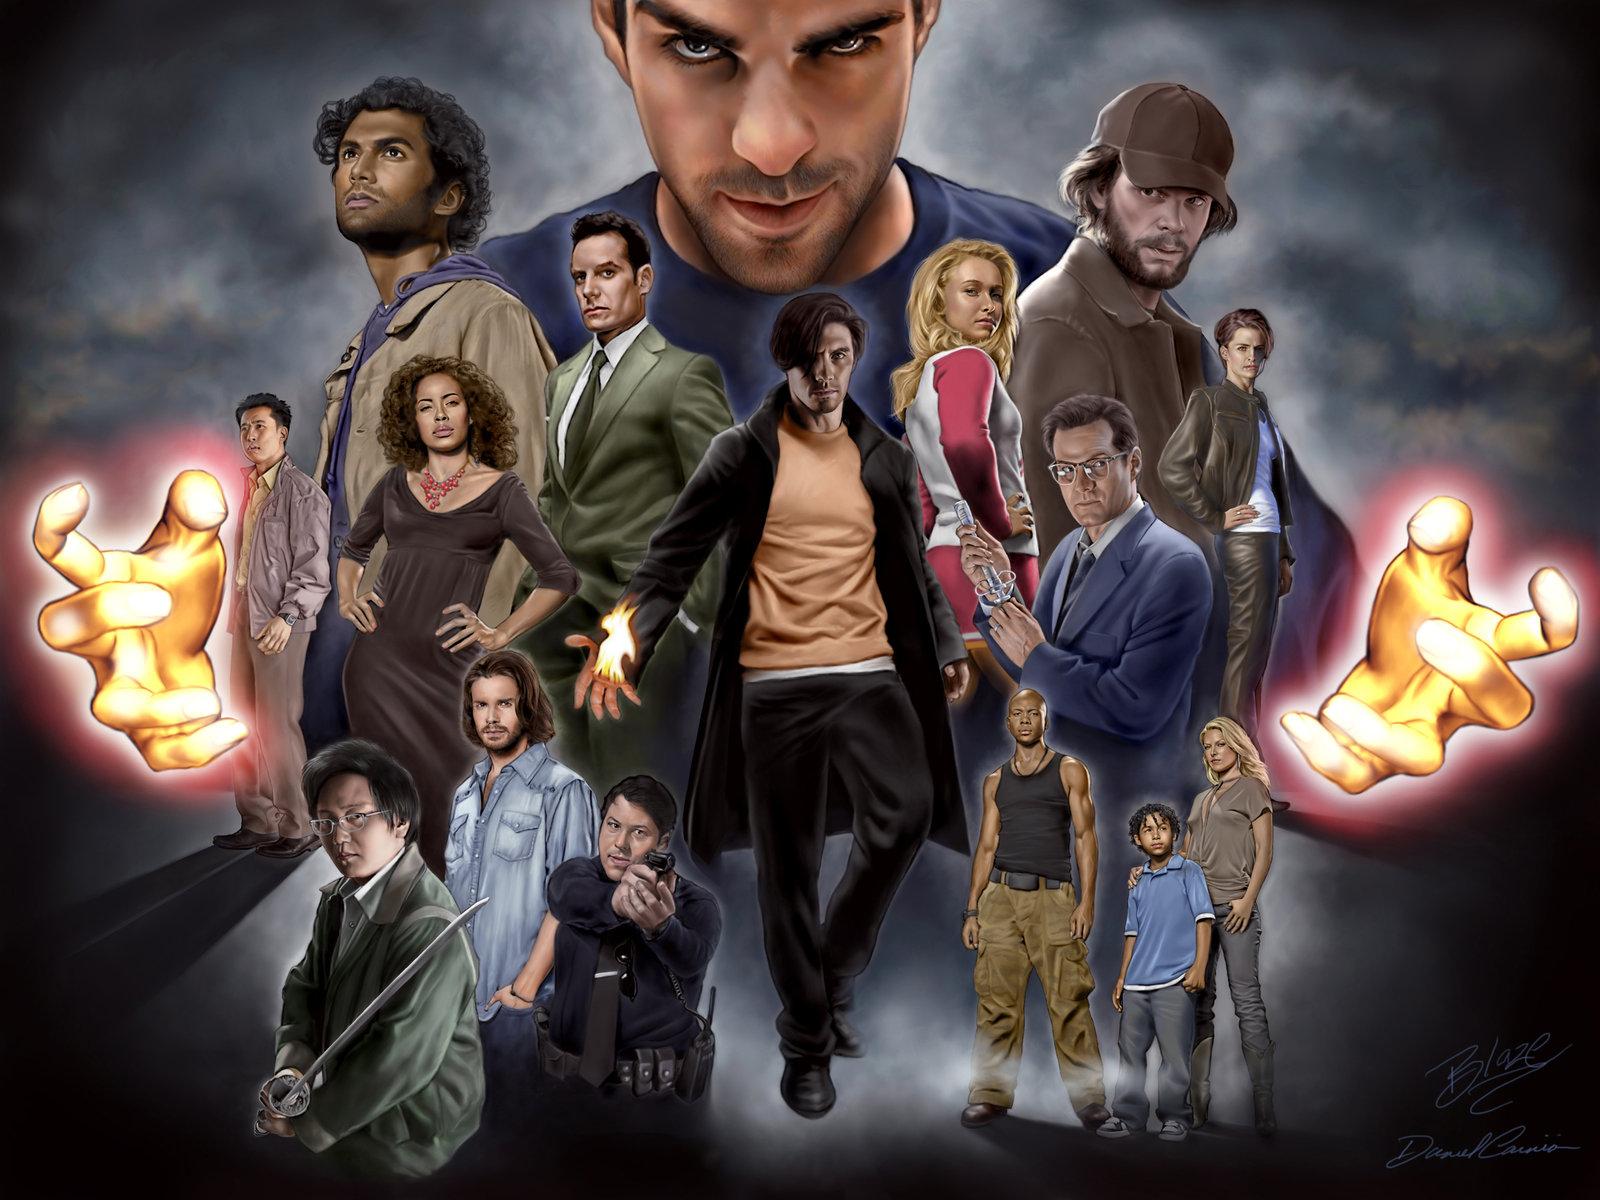 смотреть онлайн сериал ранетки 1 сезон бесплатно